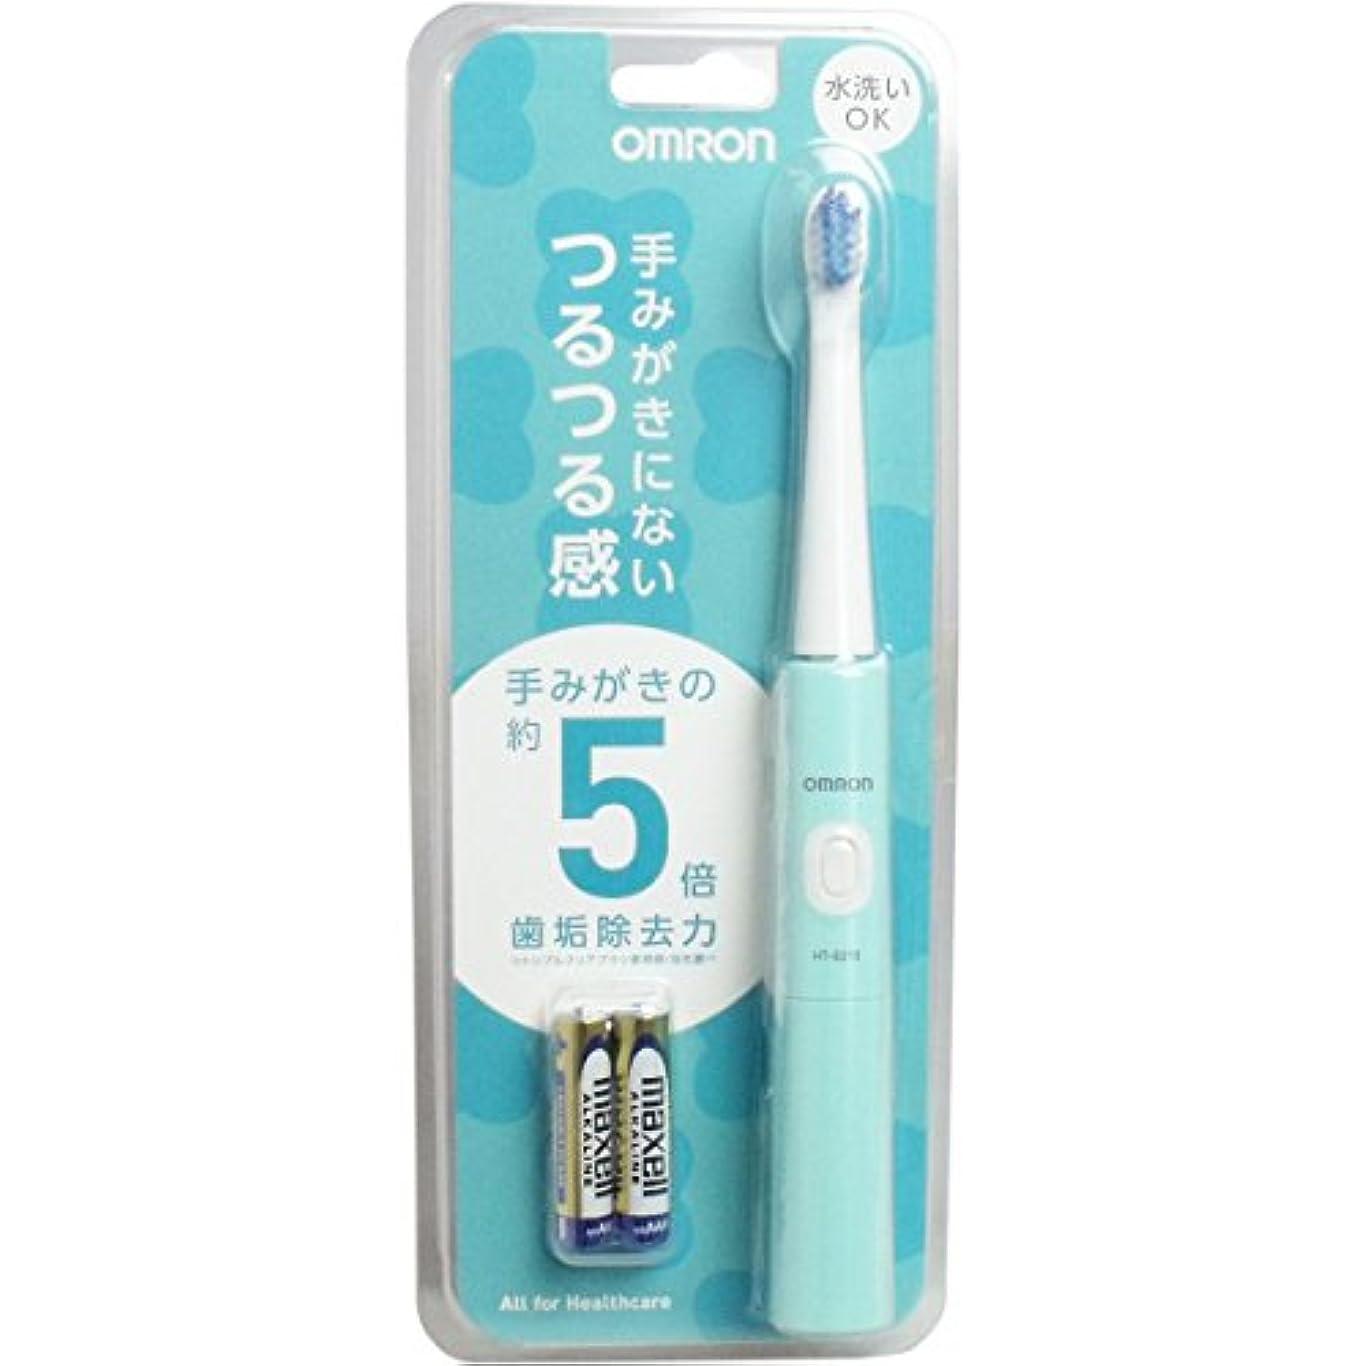 納税者無謀保証オムロンヘルスケア 音波式電動歯ブラシ ミントグリーン HT-B210-G